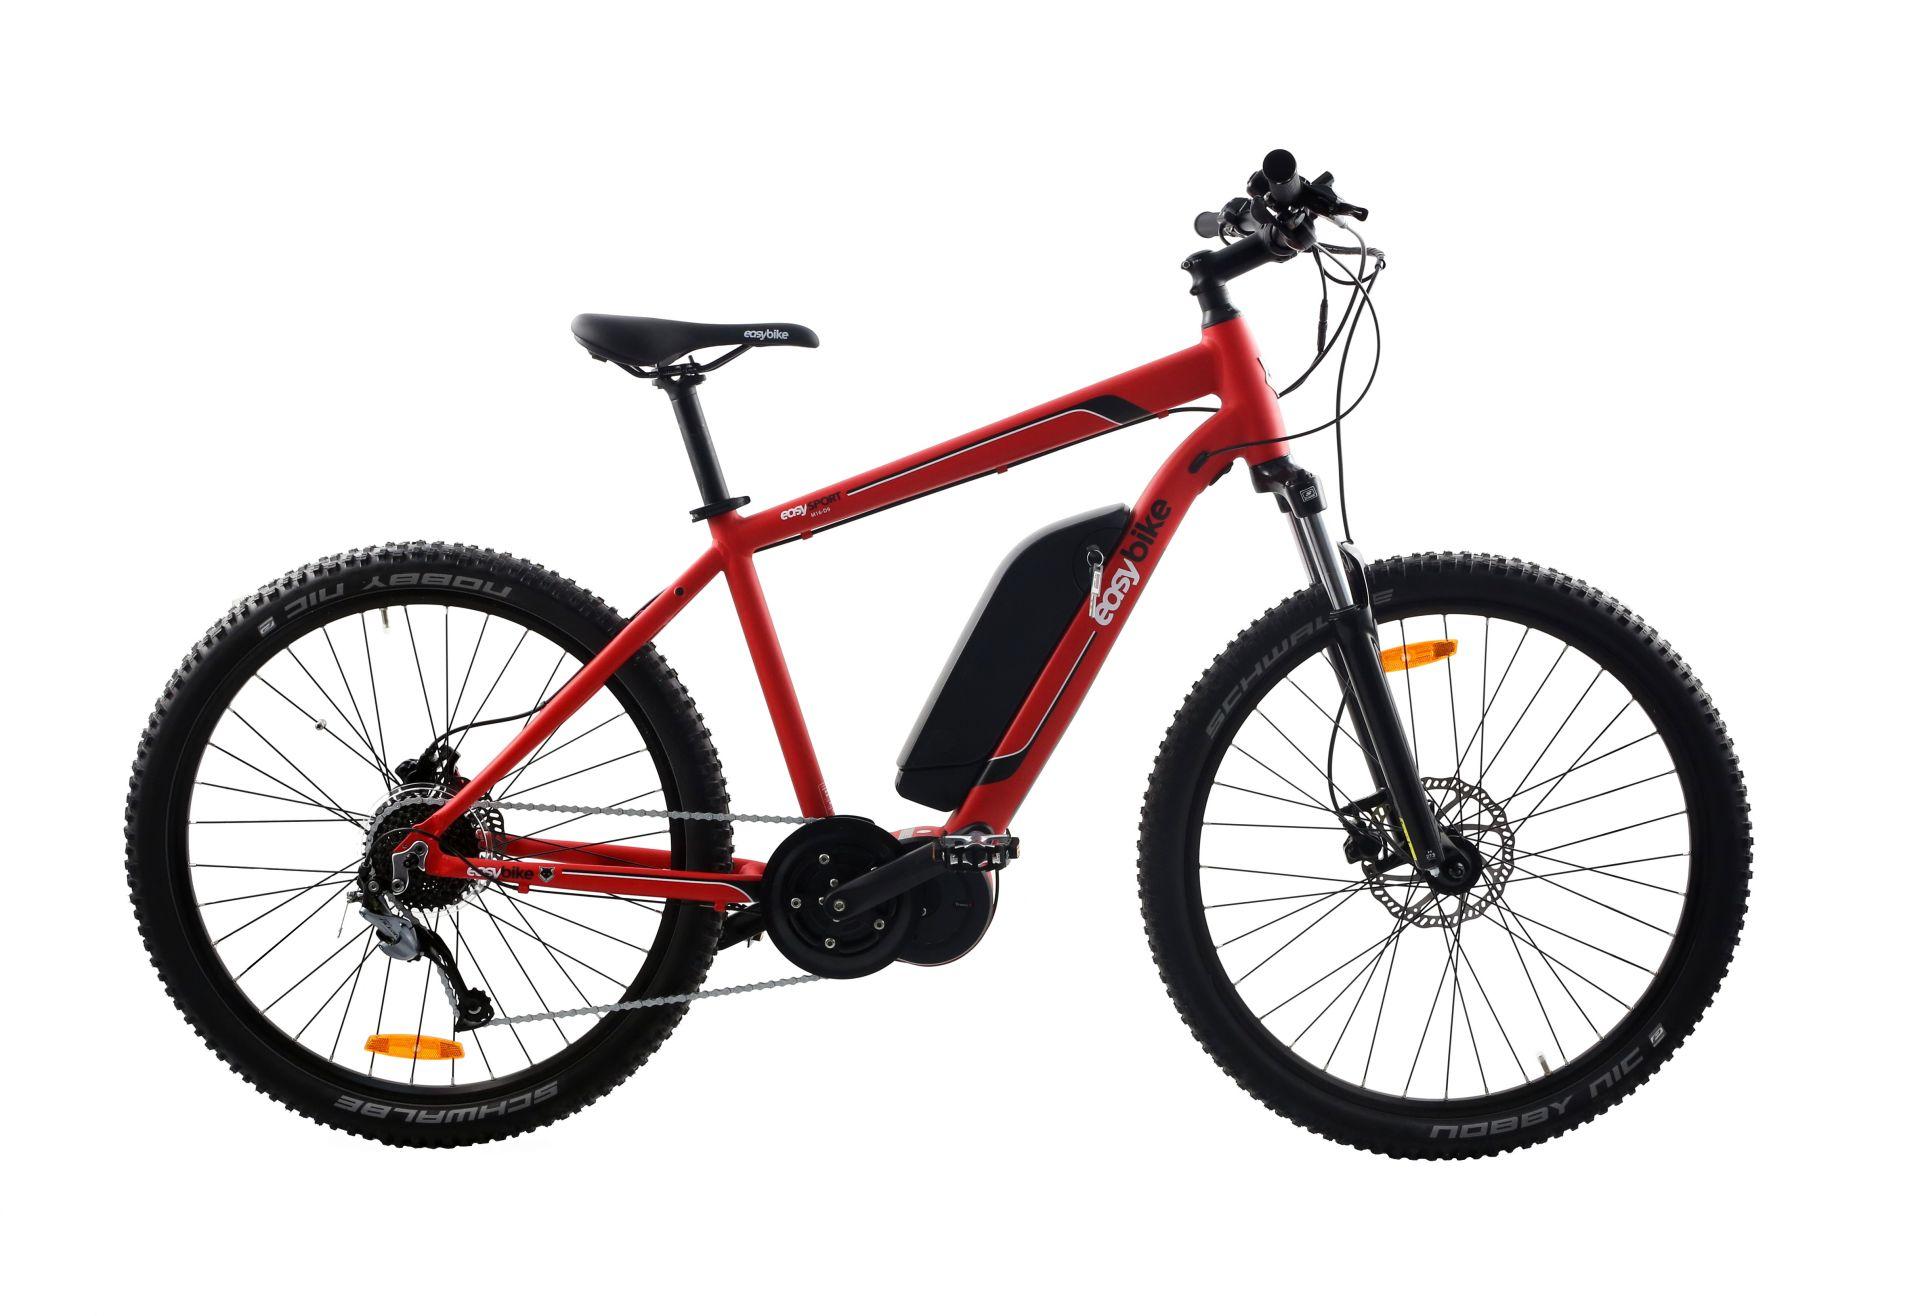 VTT électrique Easybike EasySport 27.5 M16-D9 Rouge